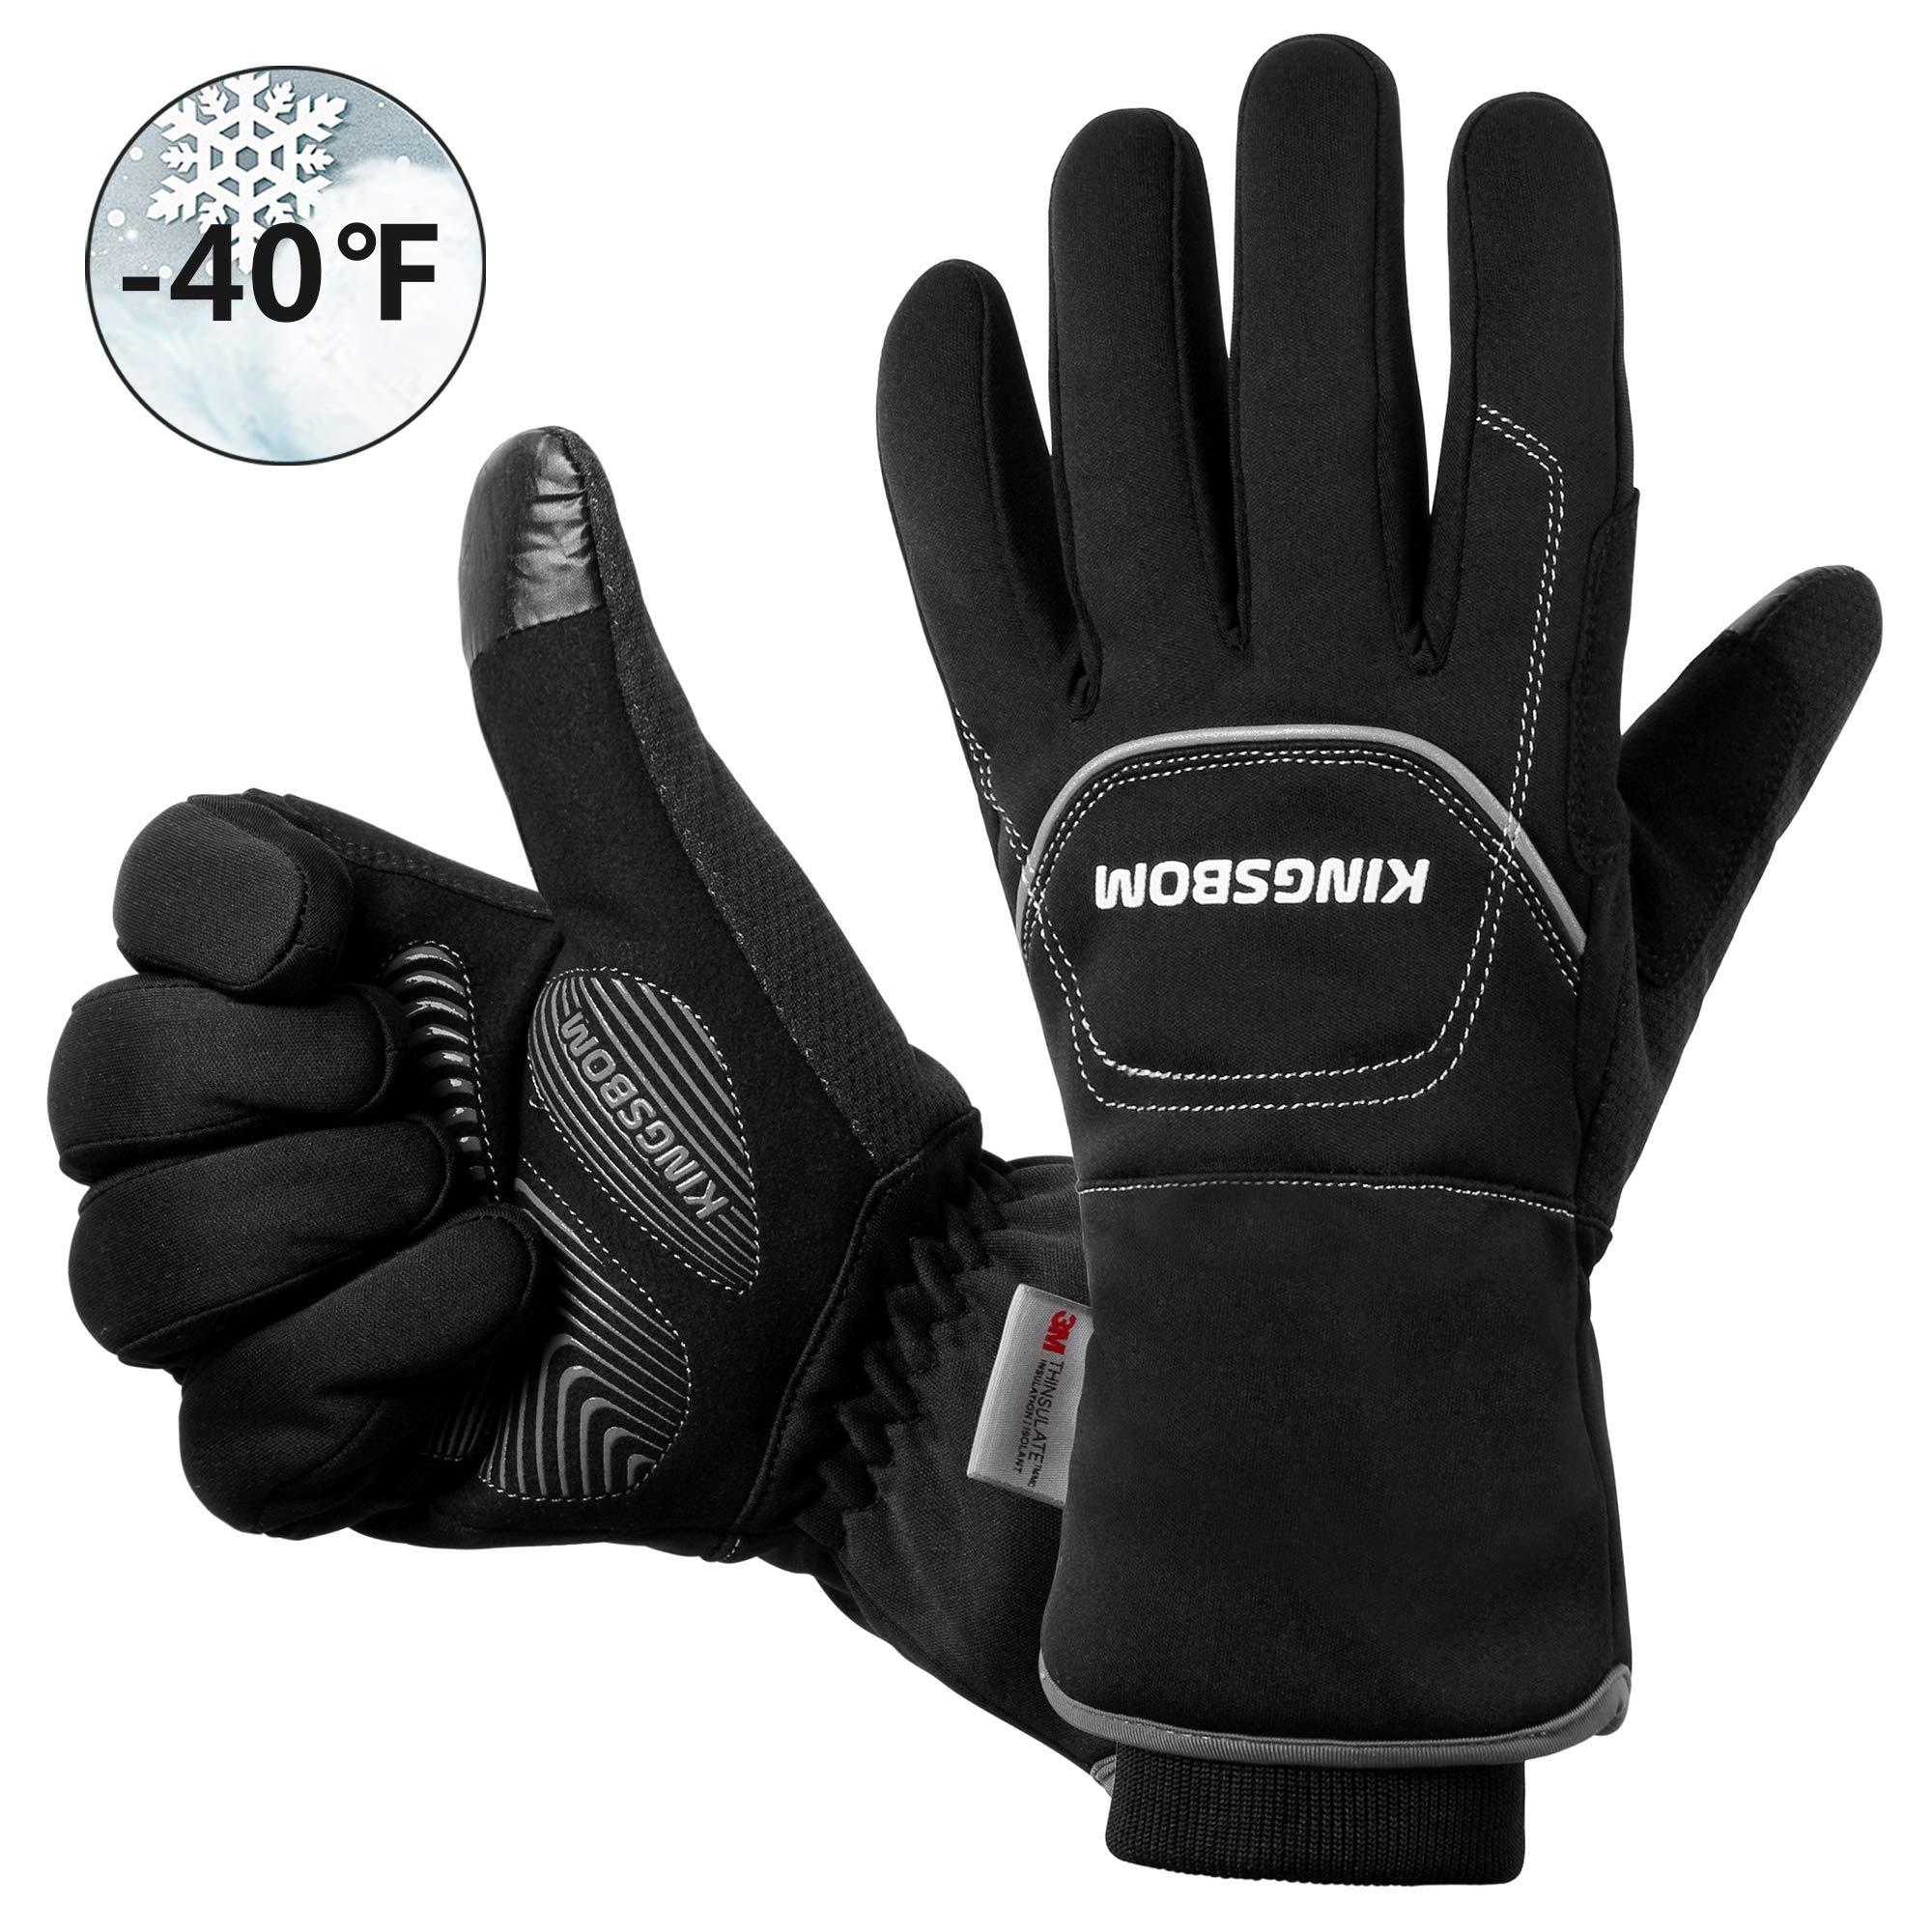 KINGSBOM Waterproof Windproof Thermal Gloves